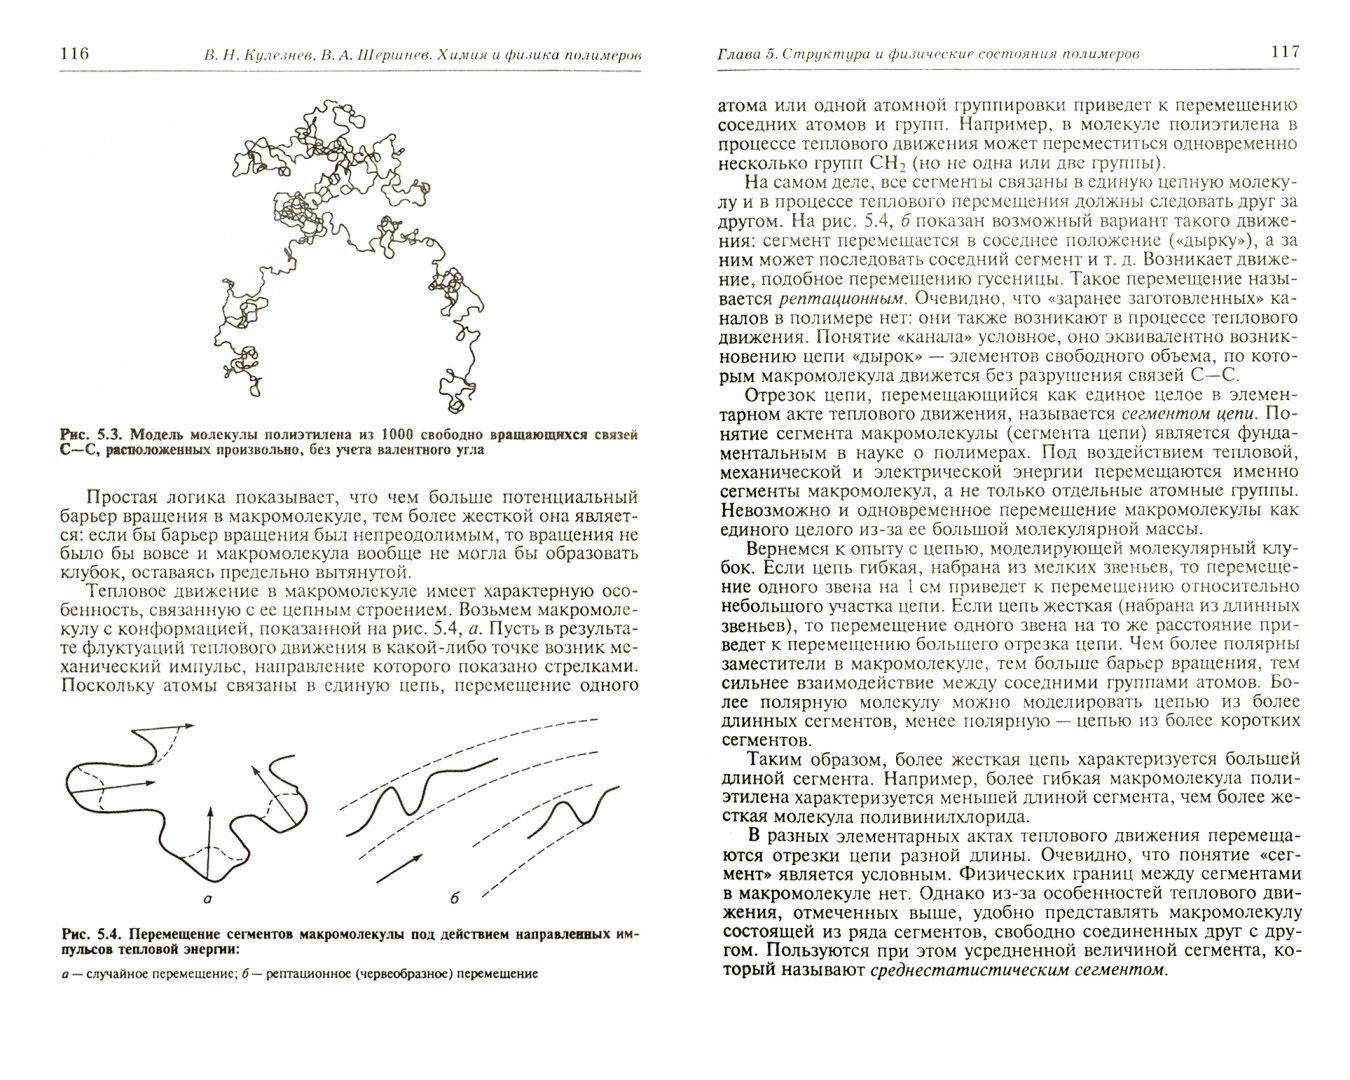 Иллюстрация 1 из 7 для Химия и физика полимеров. Учебное пособие - Кулезнев, Шершнев | Лабиринт - книги. Источник: Лабиринт